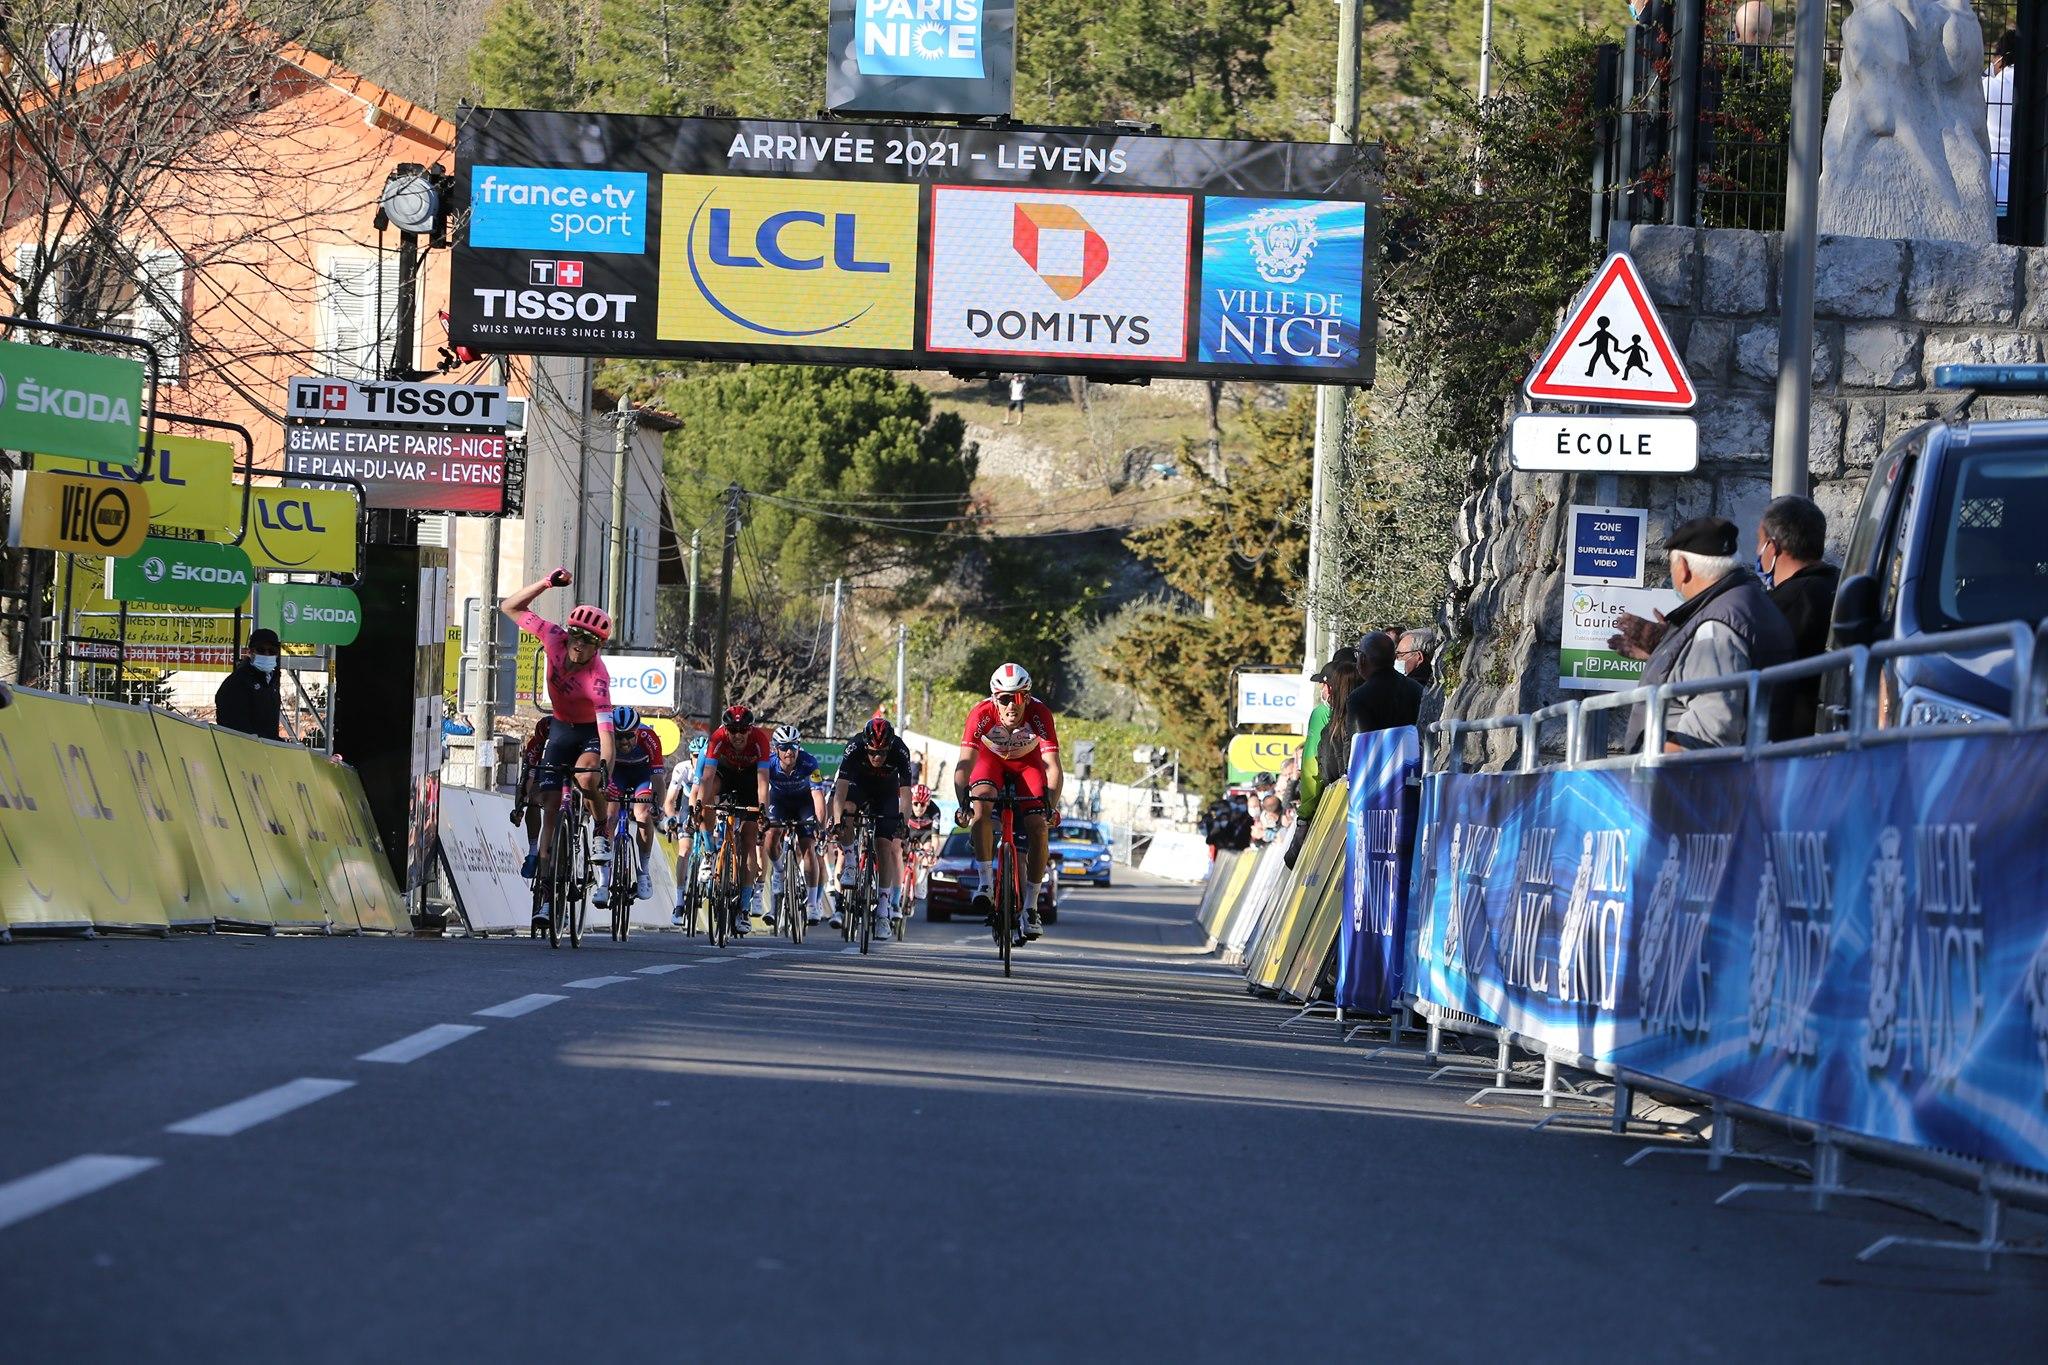 Magnus Cort Nielsen vince l'ottava e ultima tappa della Parigi-Nizza 2021 (foto ASO / F. Boukla)